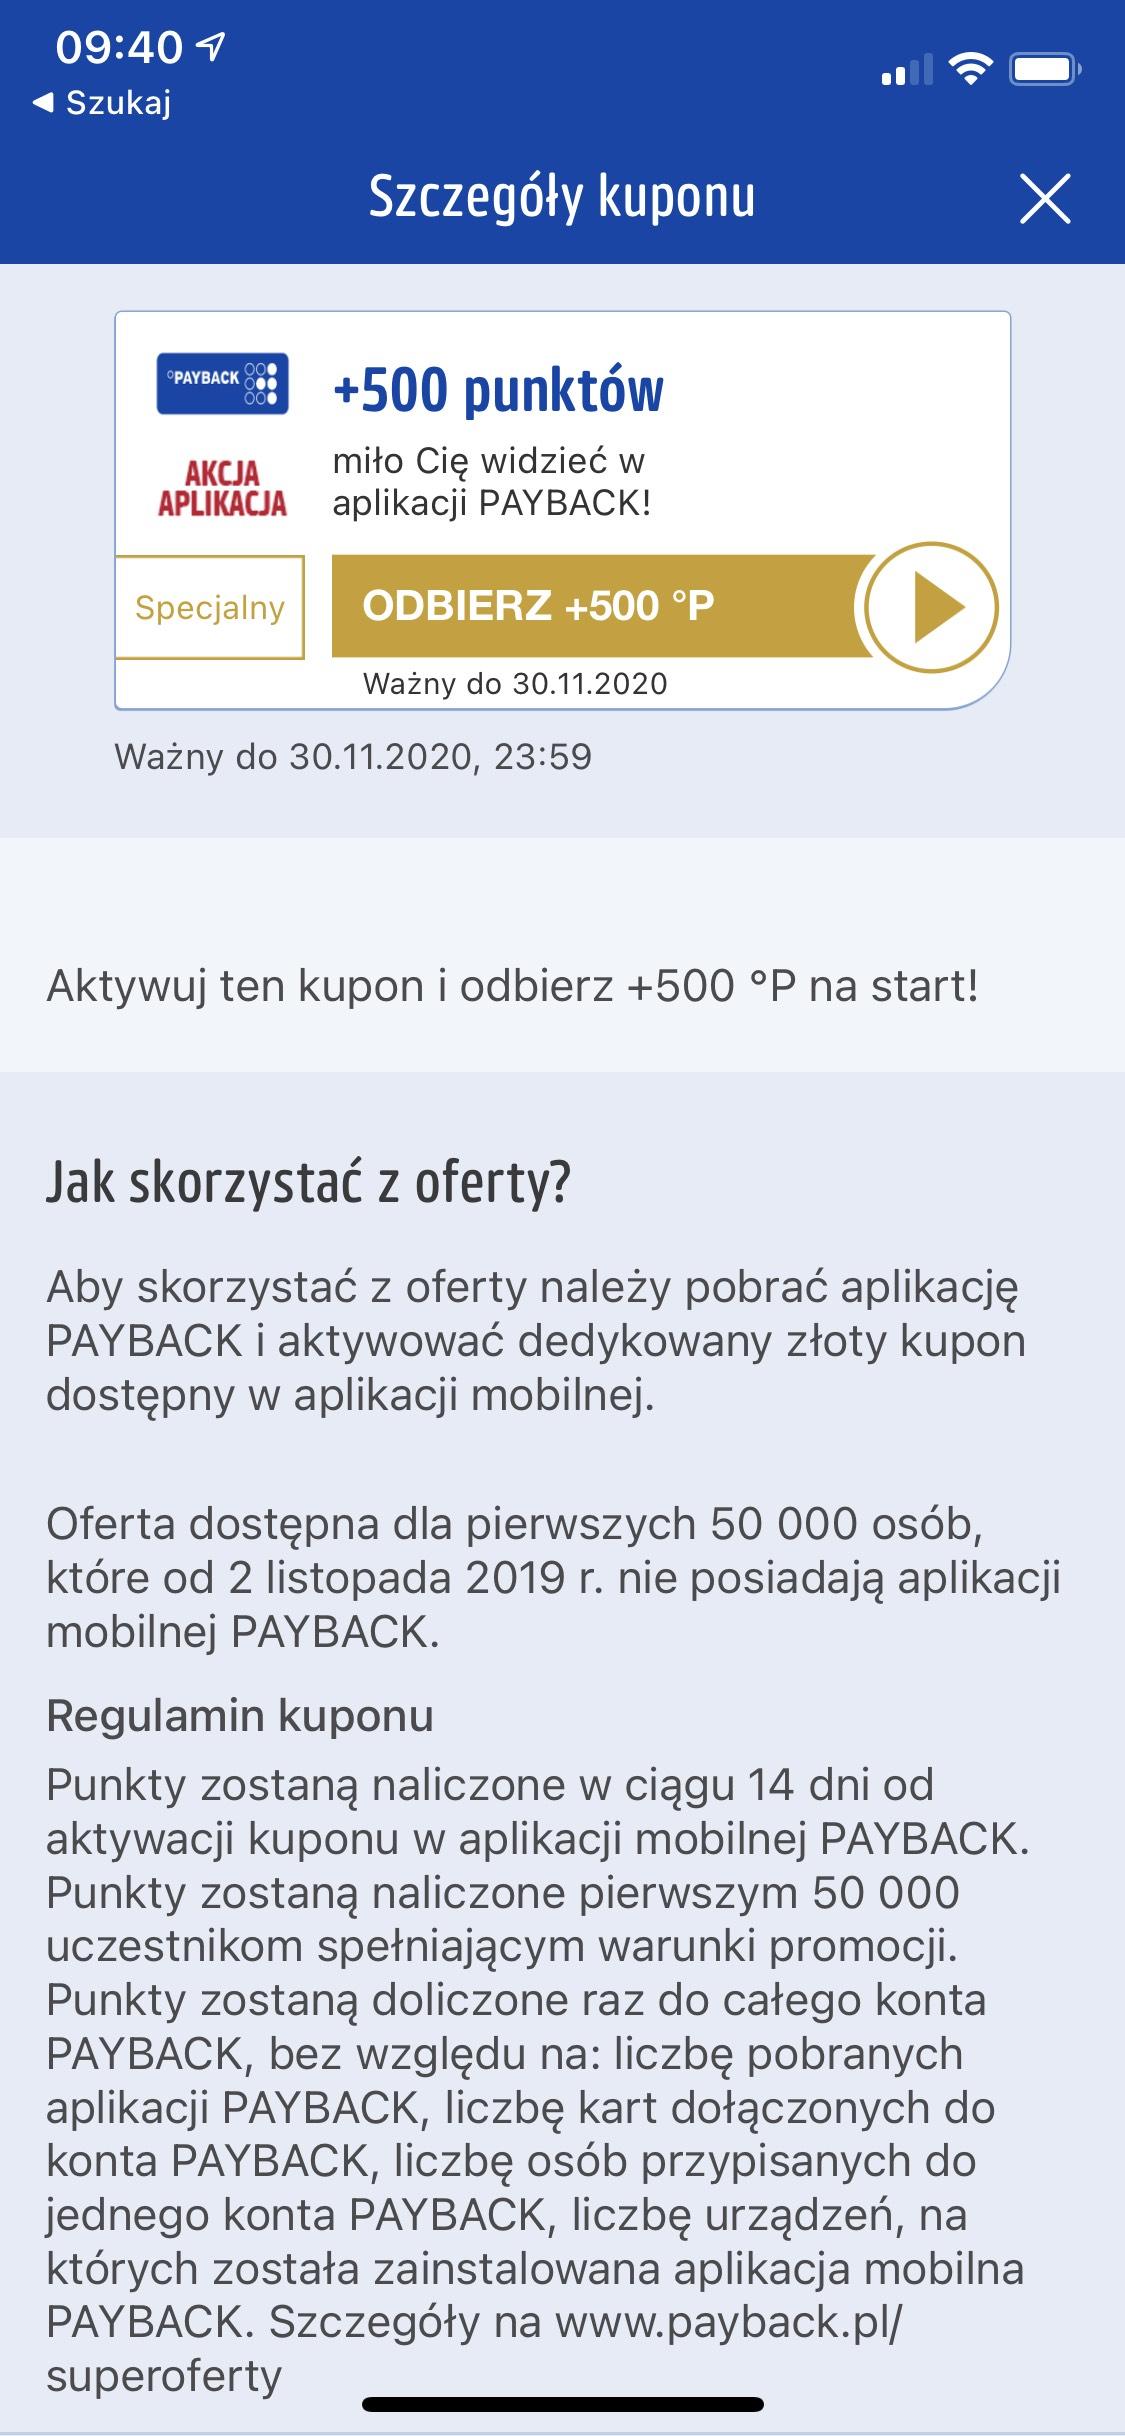 500 punktów Payback (dla nieposiadających aplikacji Payback)